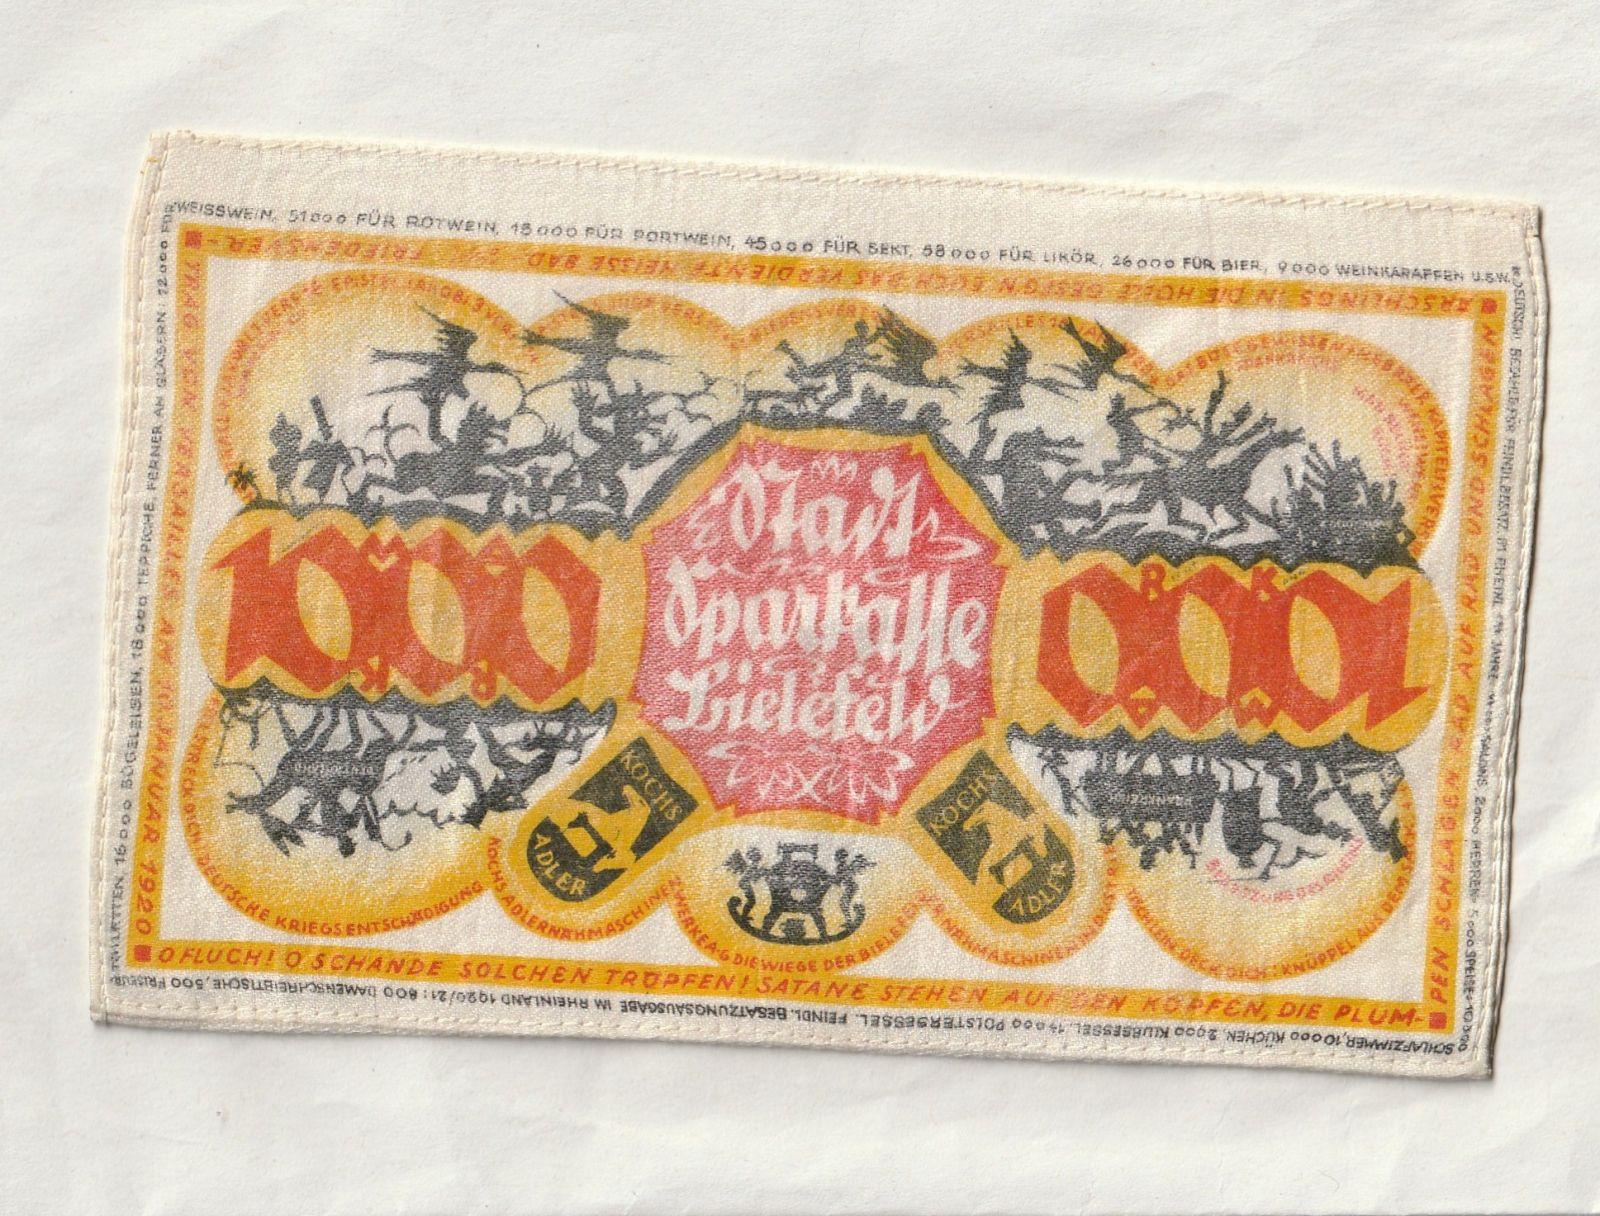 1000 Marek, Bienfeld, hedvábí, Německo